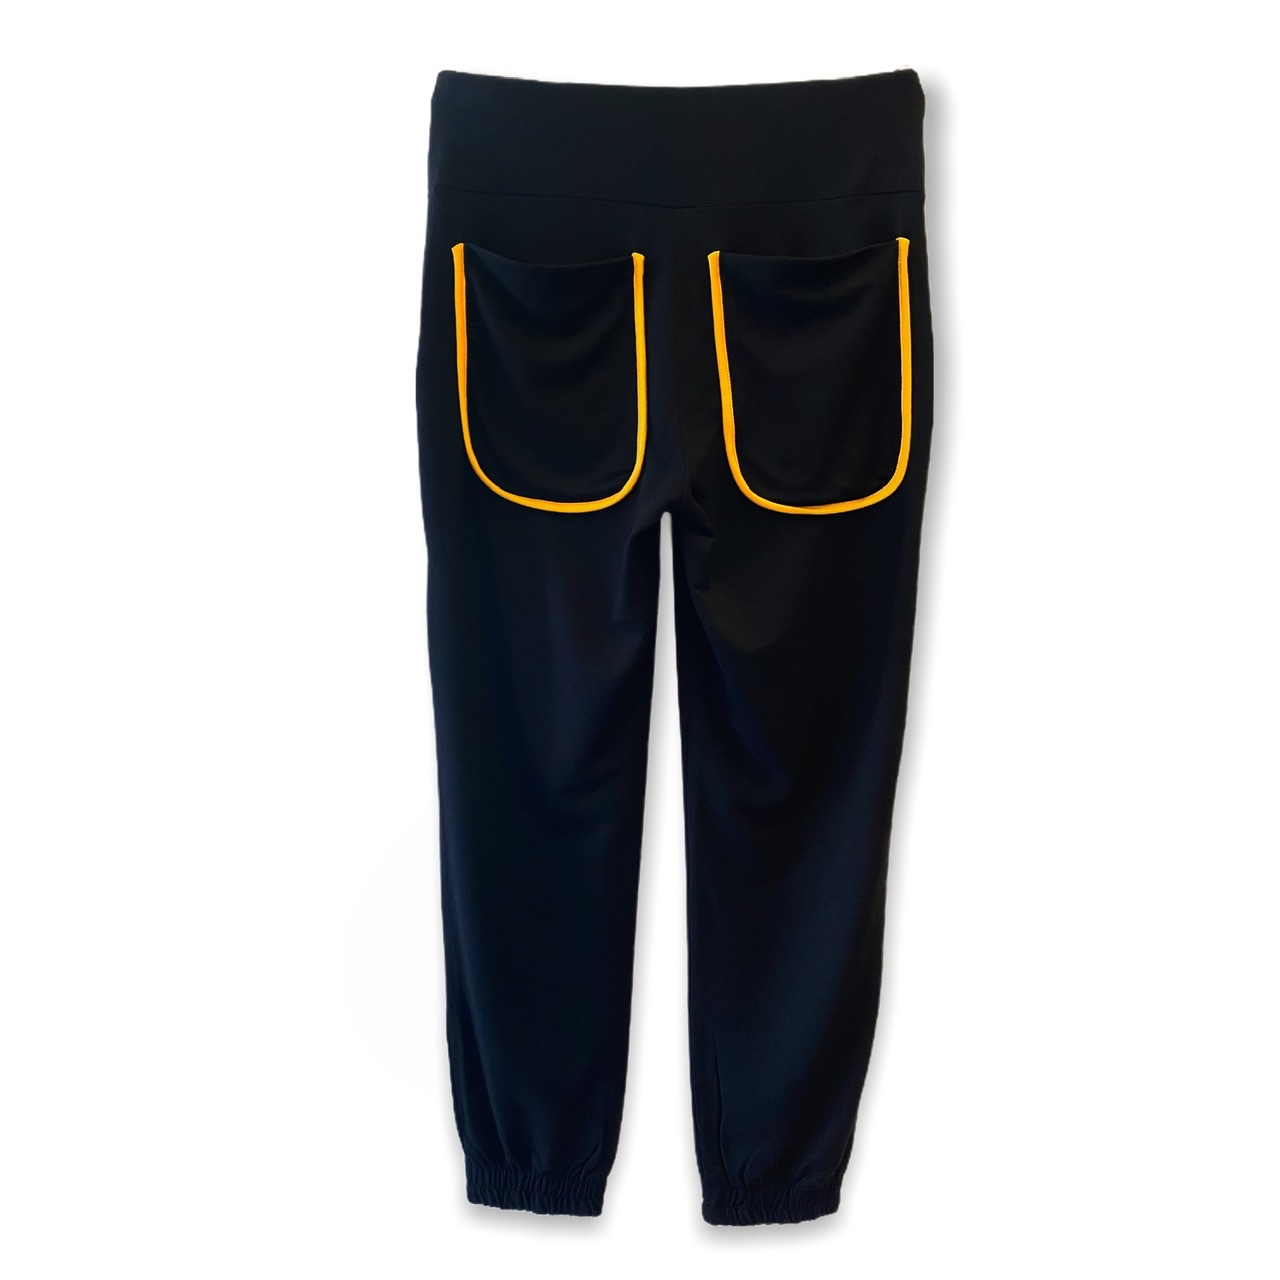 Calça Jogger em malha preta com frisos amarelos  - Vivian Bógus